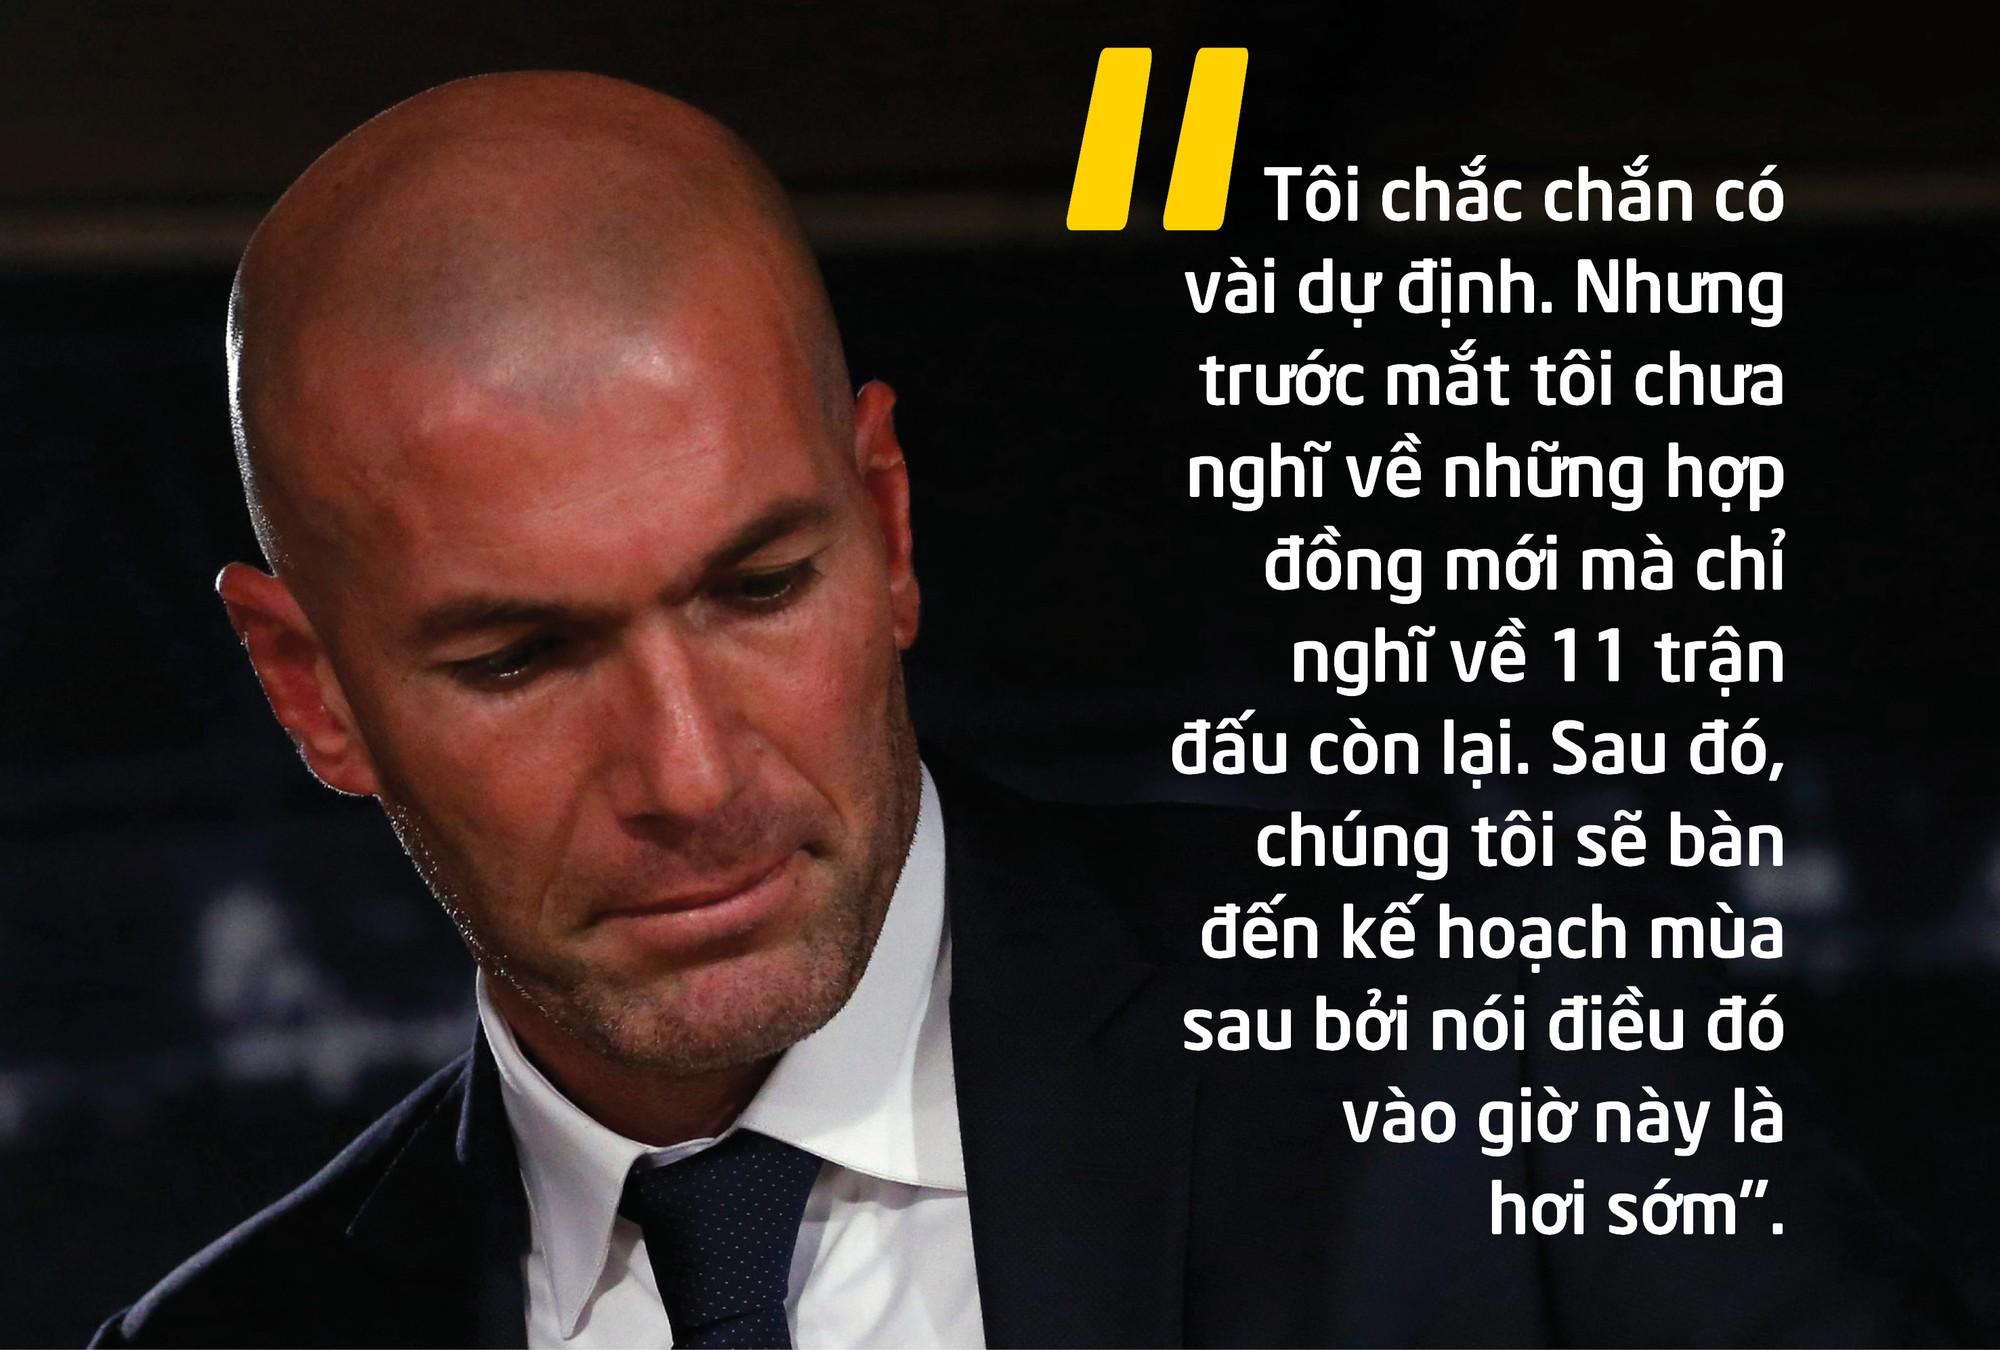 Zidane trở lại R.M: Sao không thể tắm hai lần trên một dòng sông? - Ảnh 11.